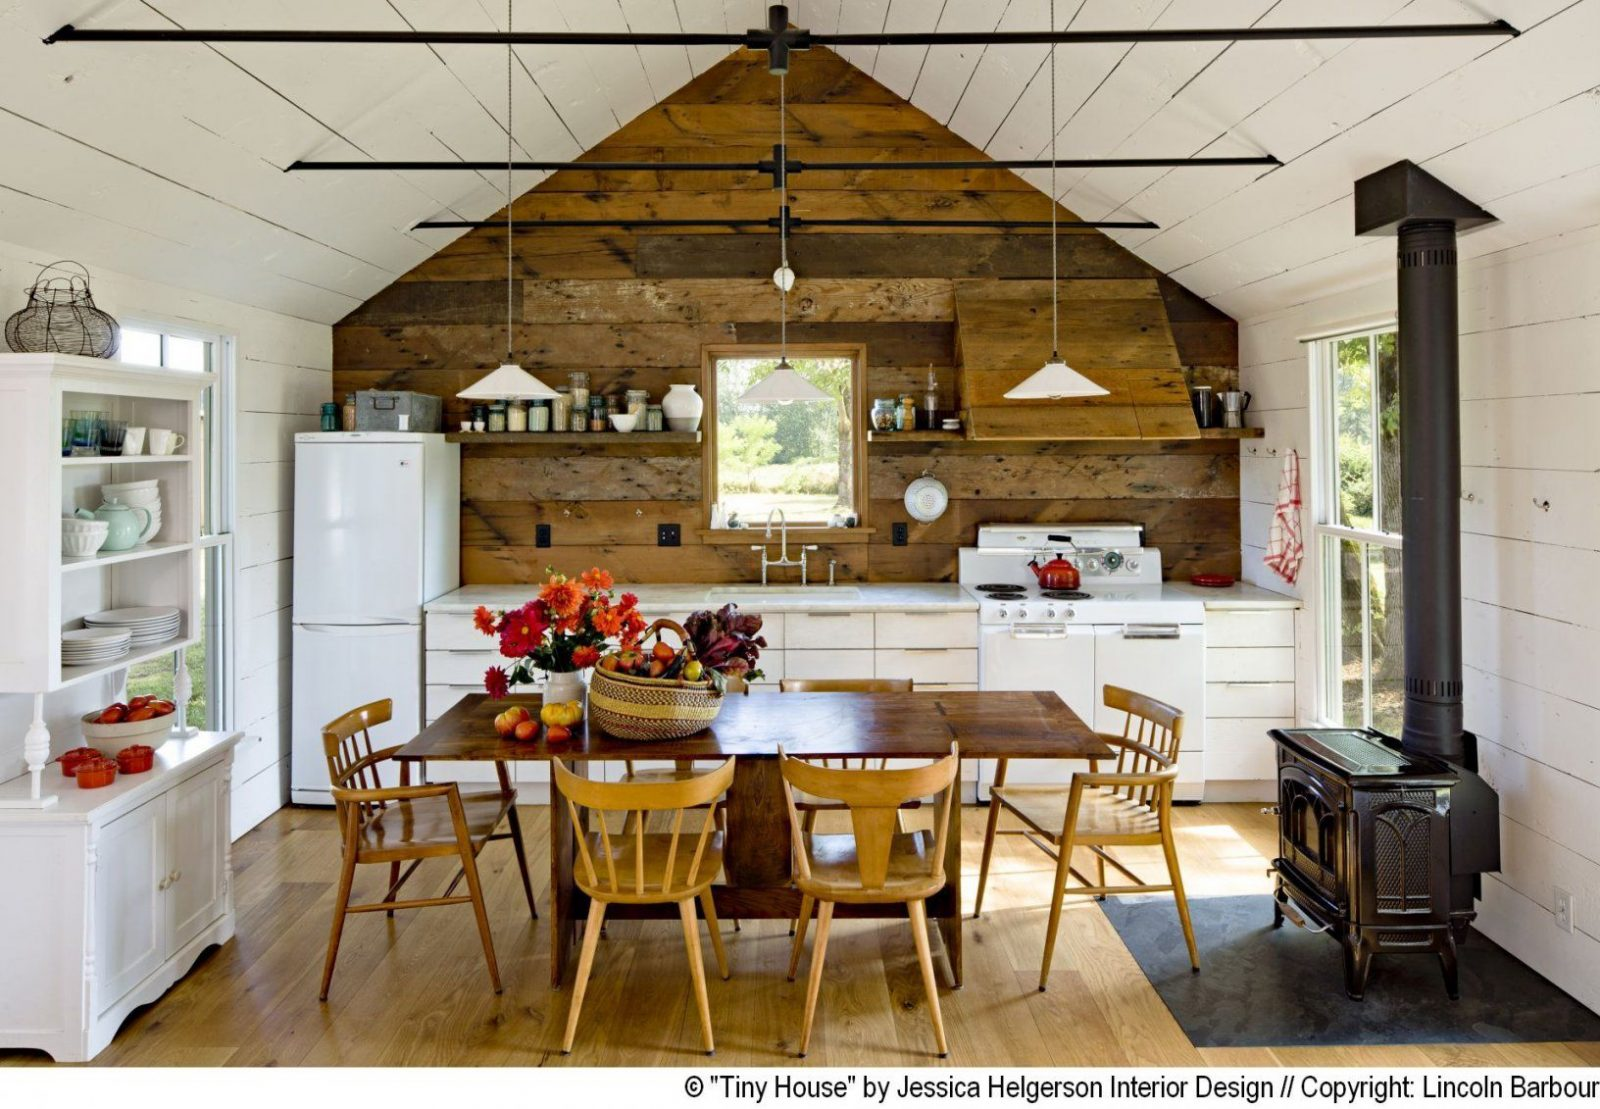 bilder von kleine wohnung einrichten ideen andere und die besten 25 von kleine wohnung. Black Bedroom Furniture Sets. Home Design Ideas